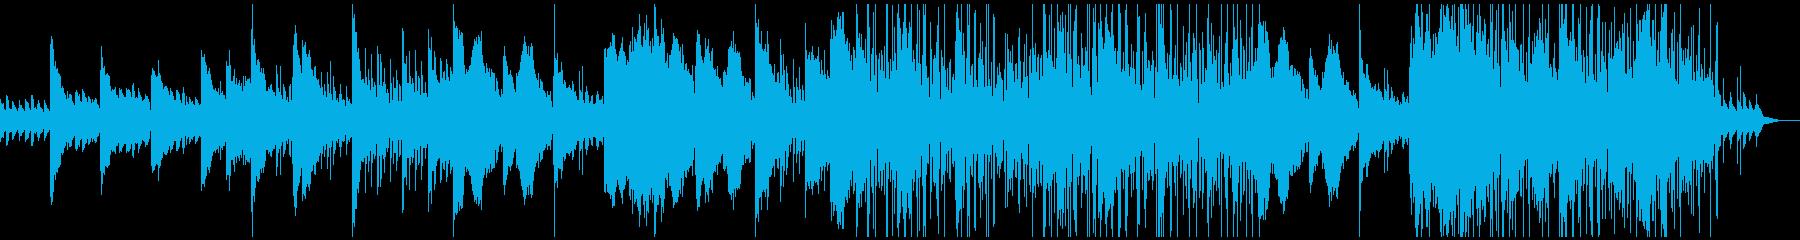 ピアノとストリングス中心のサスペンス風の再生済みの波形